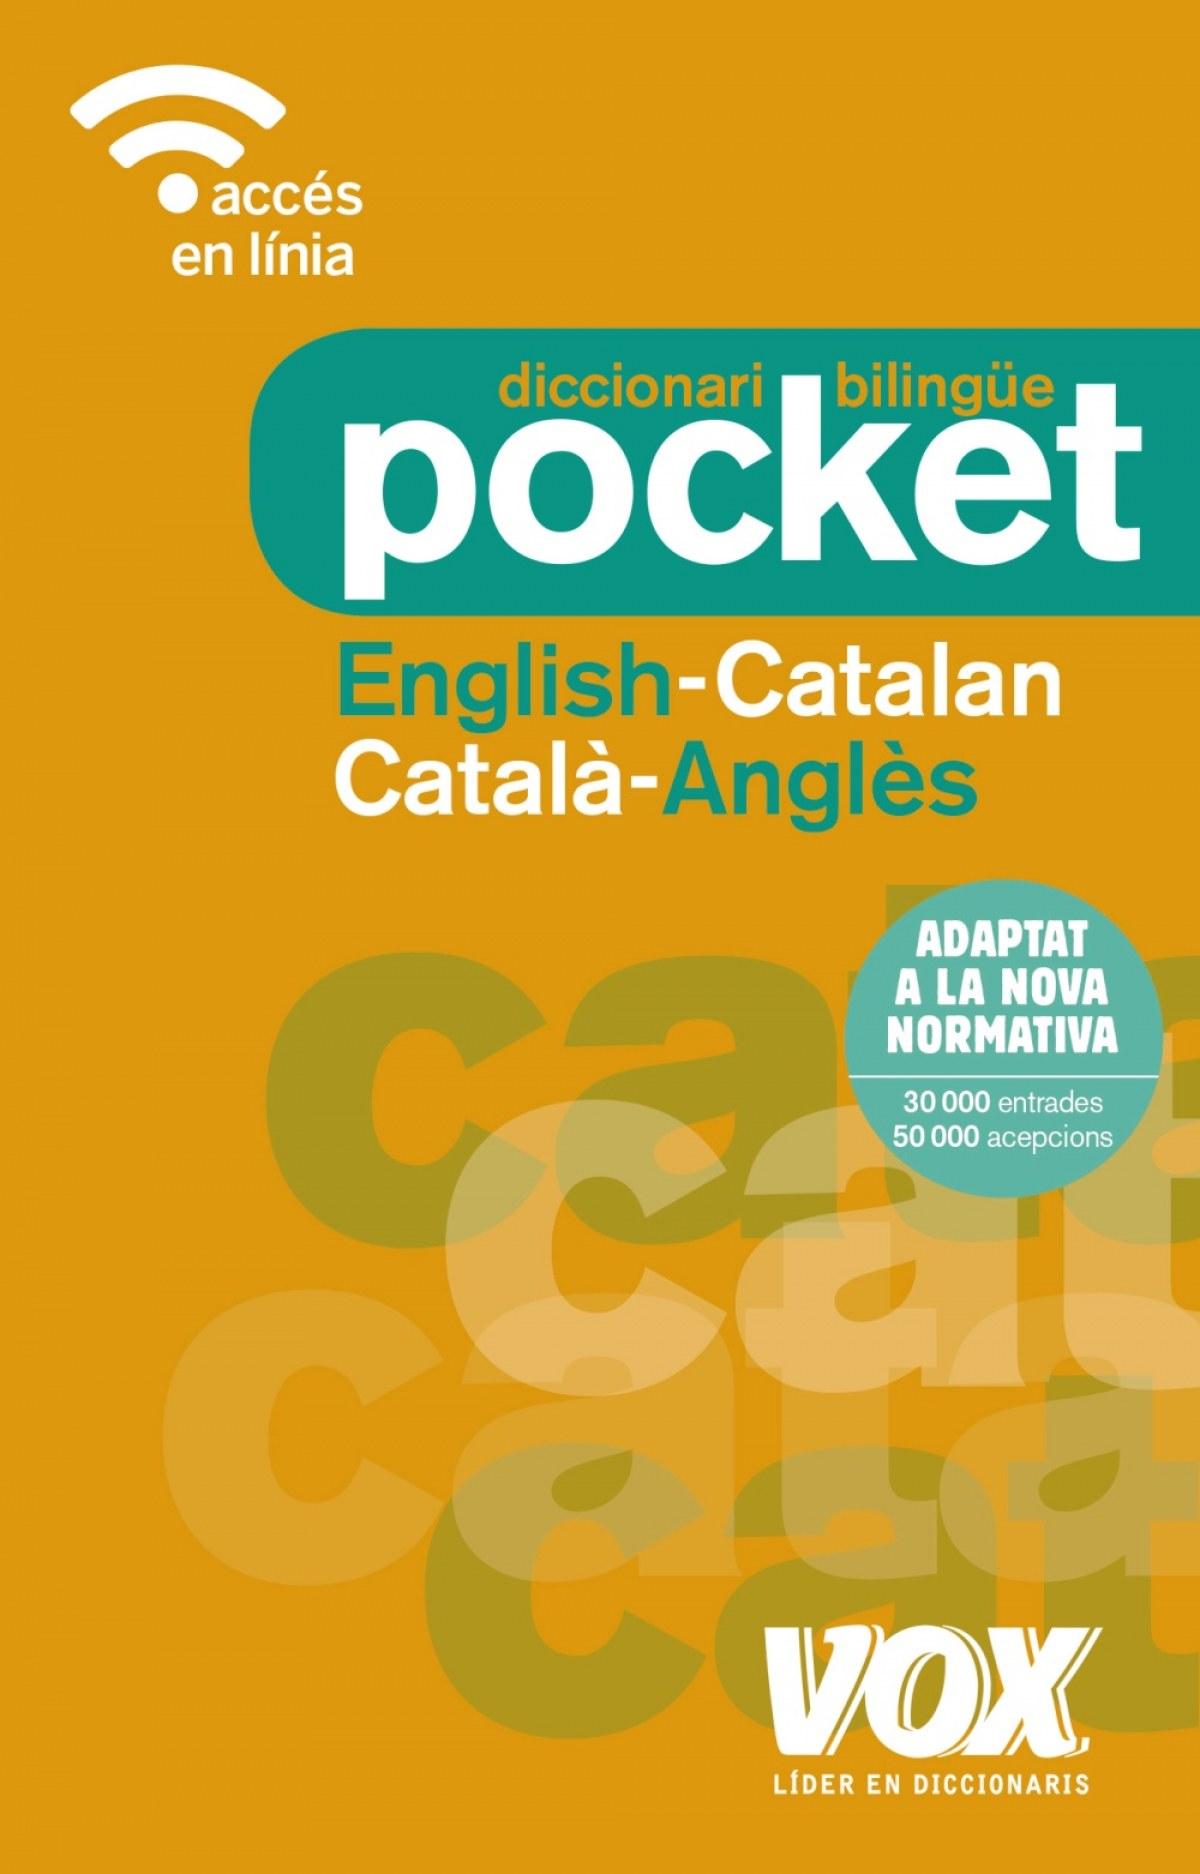 DICCIONARI POCKET ENGLISH-CATALAN/CATALÀ-ANGLÉS 9788499742748